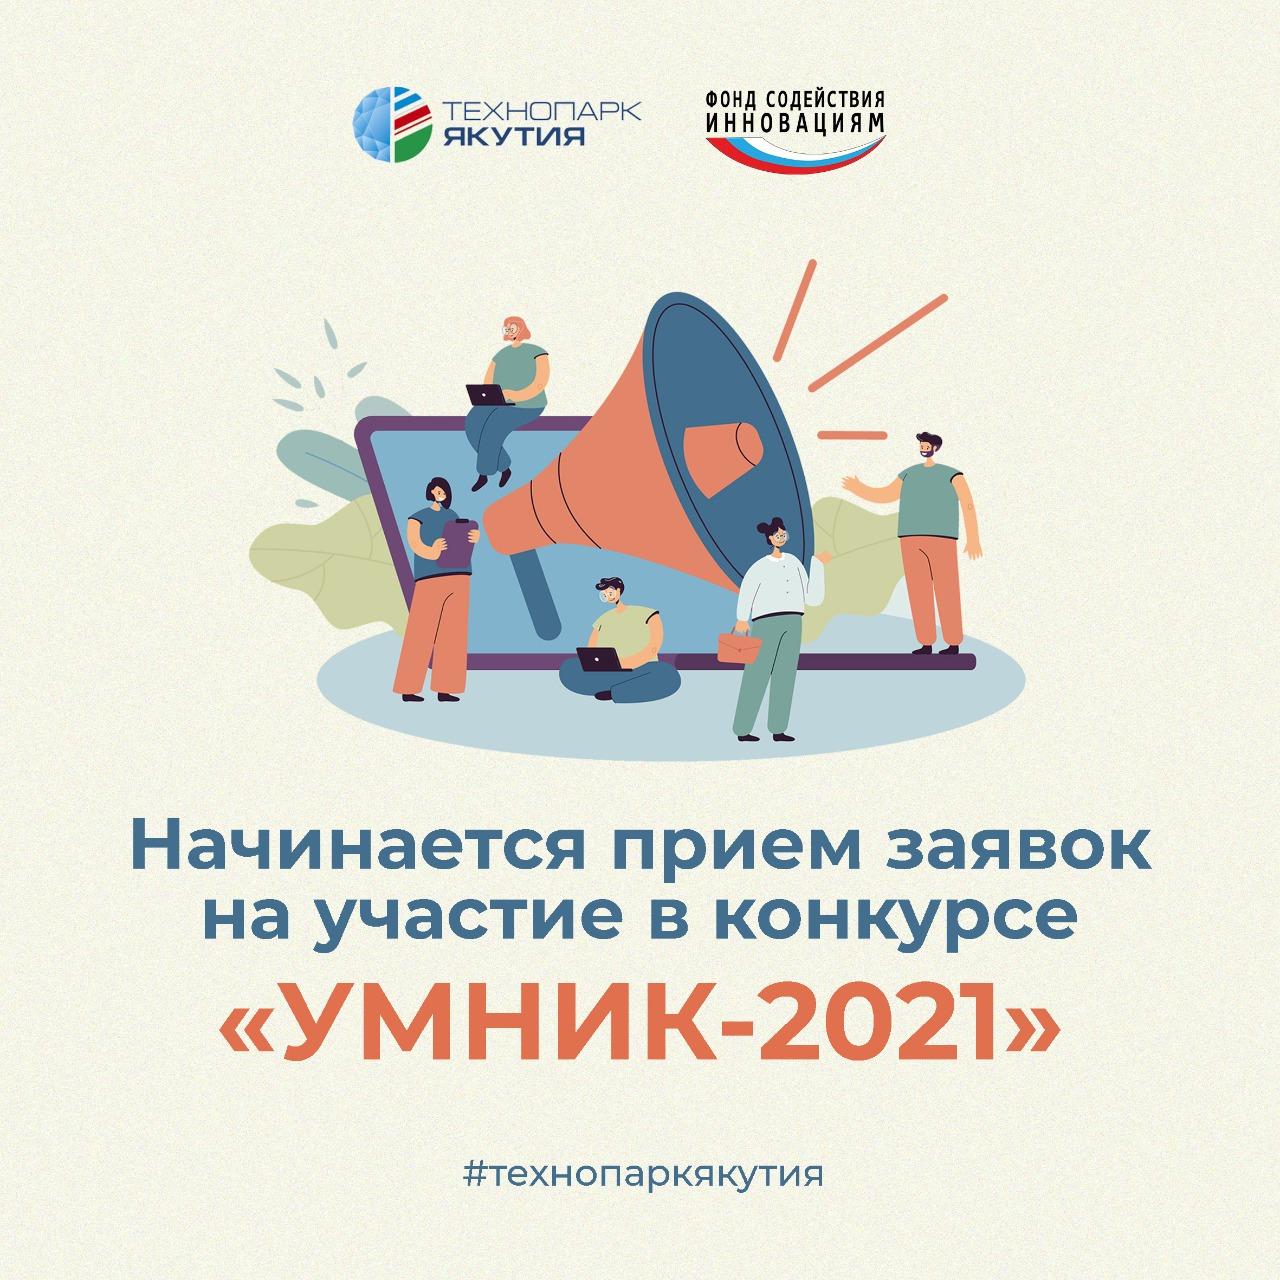 Прием заявок на участие в конкурсе «УМНИК-2021» начался в Якутии